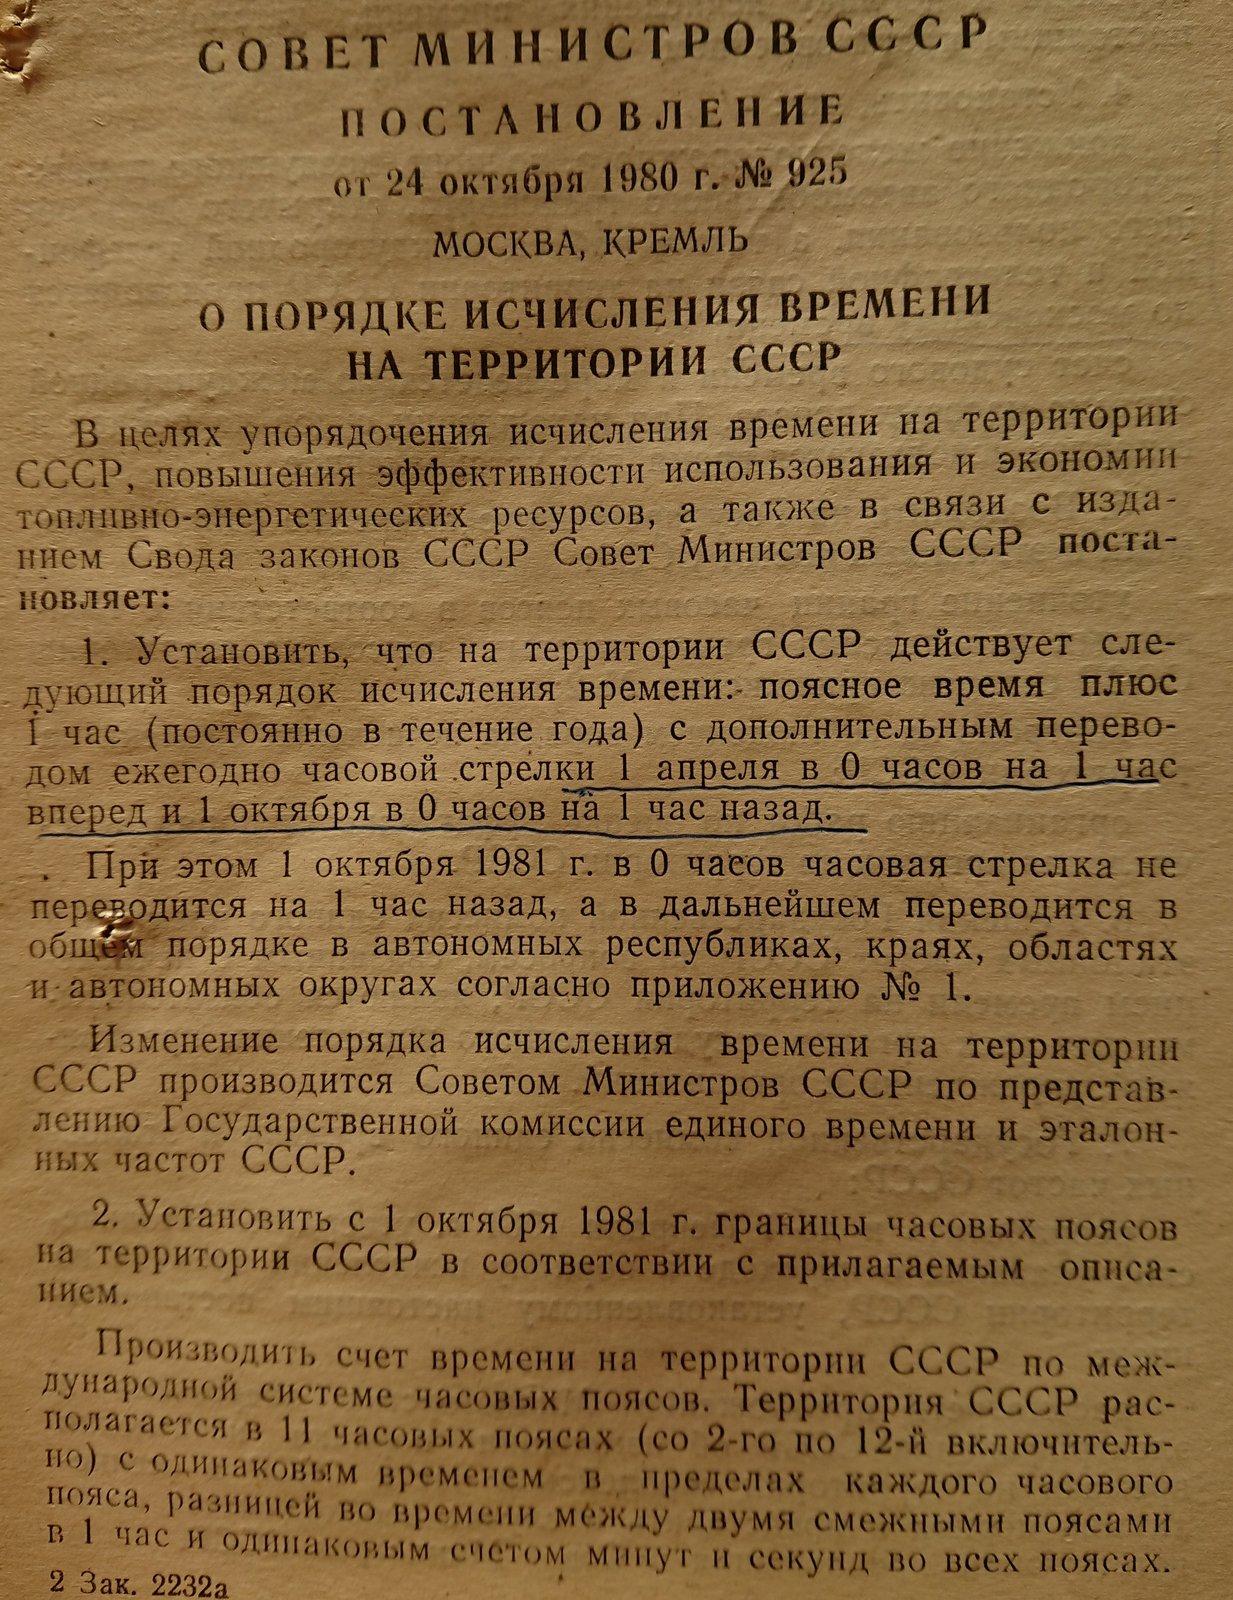 https://st0.forum4.ru/uploads/0009/6c/04/1355/223906.jpg